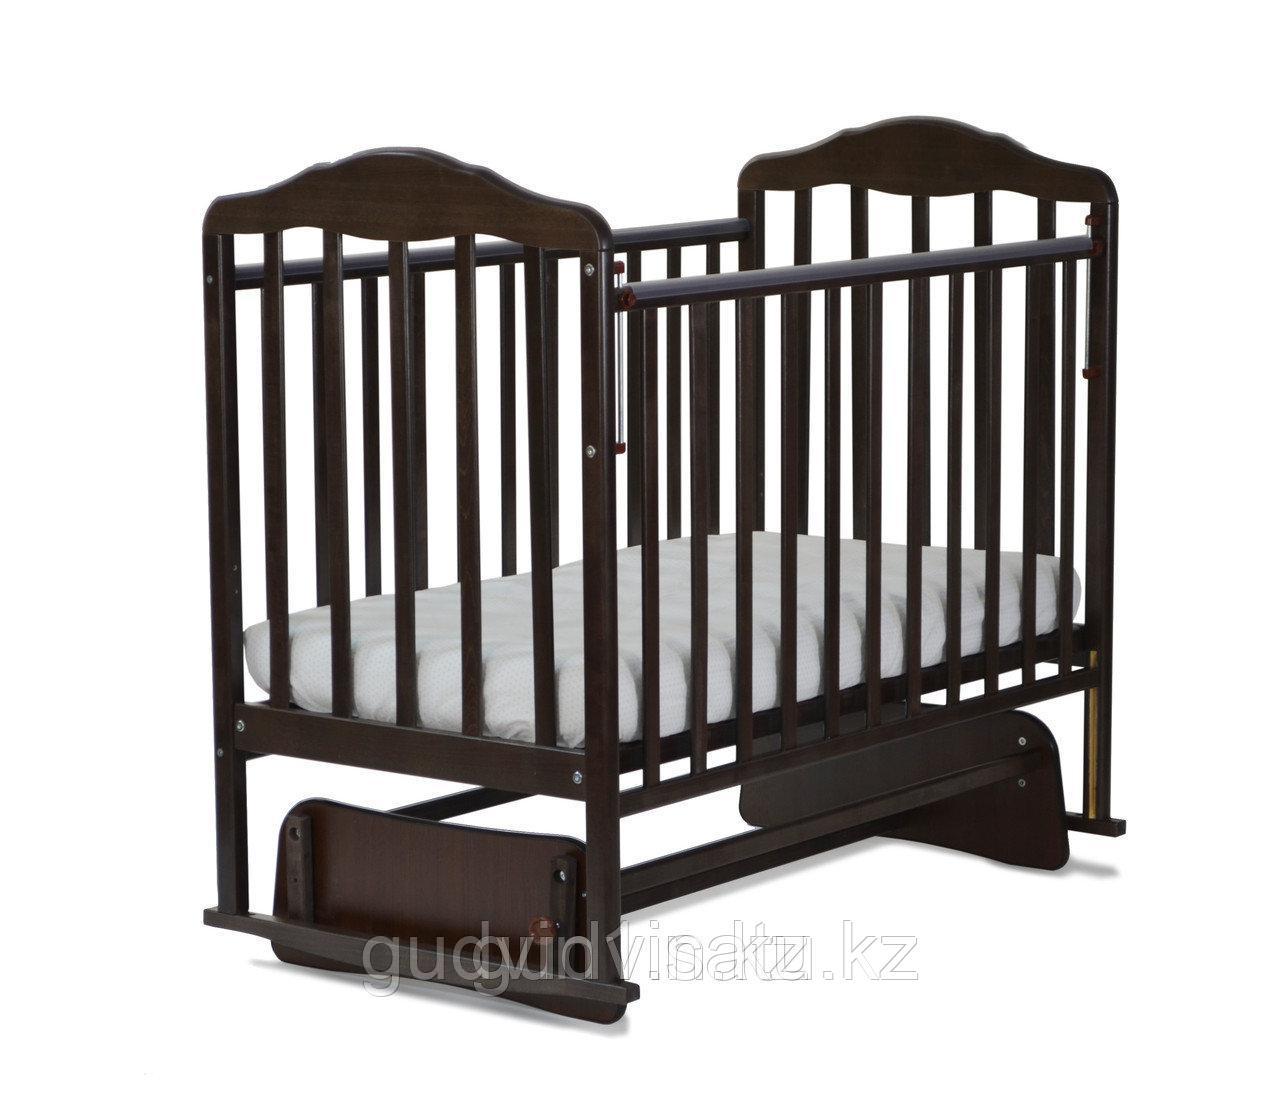 СКВ Кровать детская МИТЕНЬКА (маятник поперечный) венге